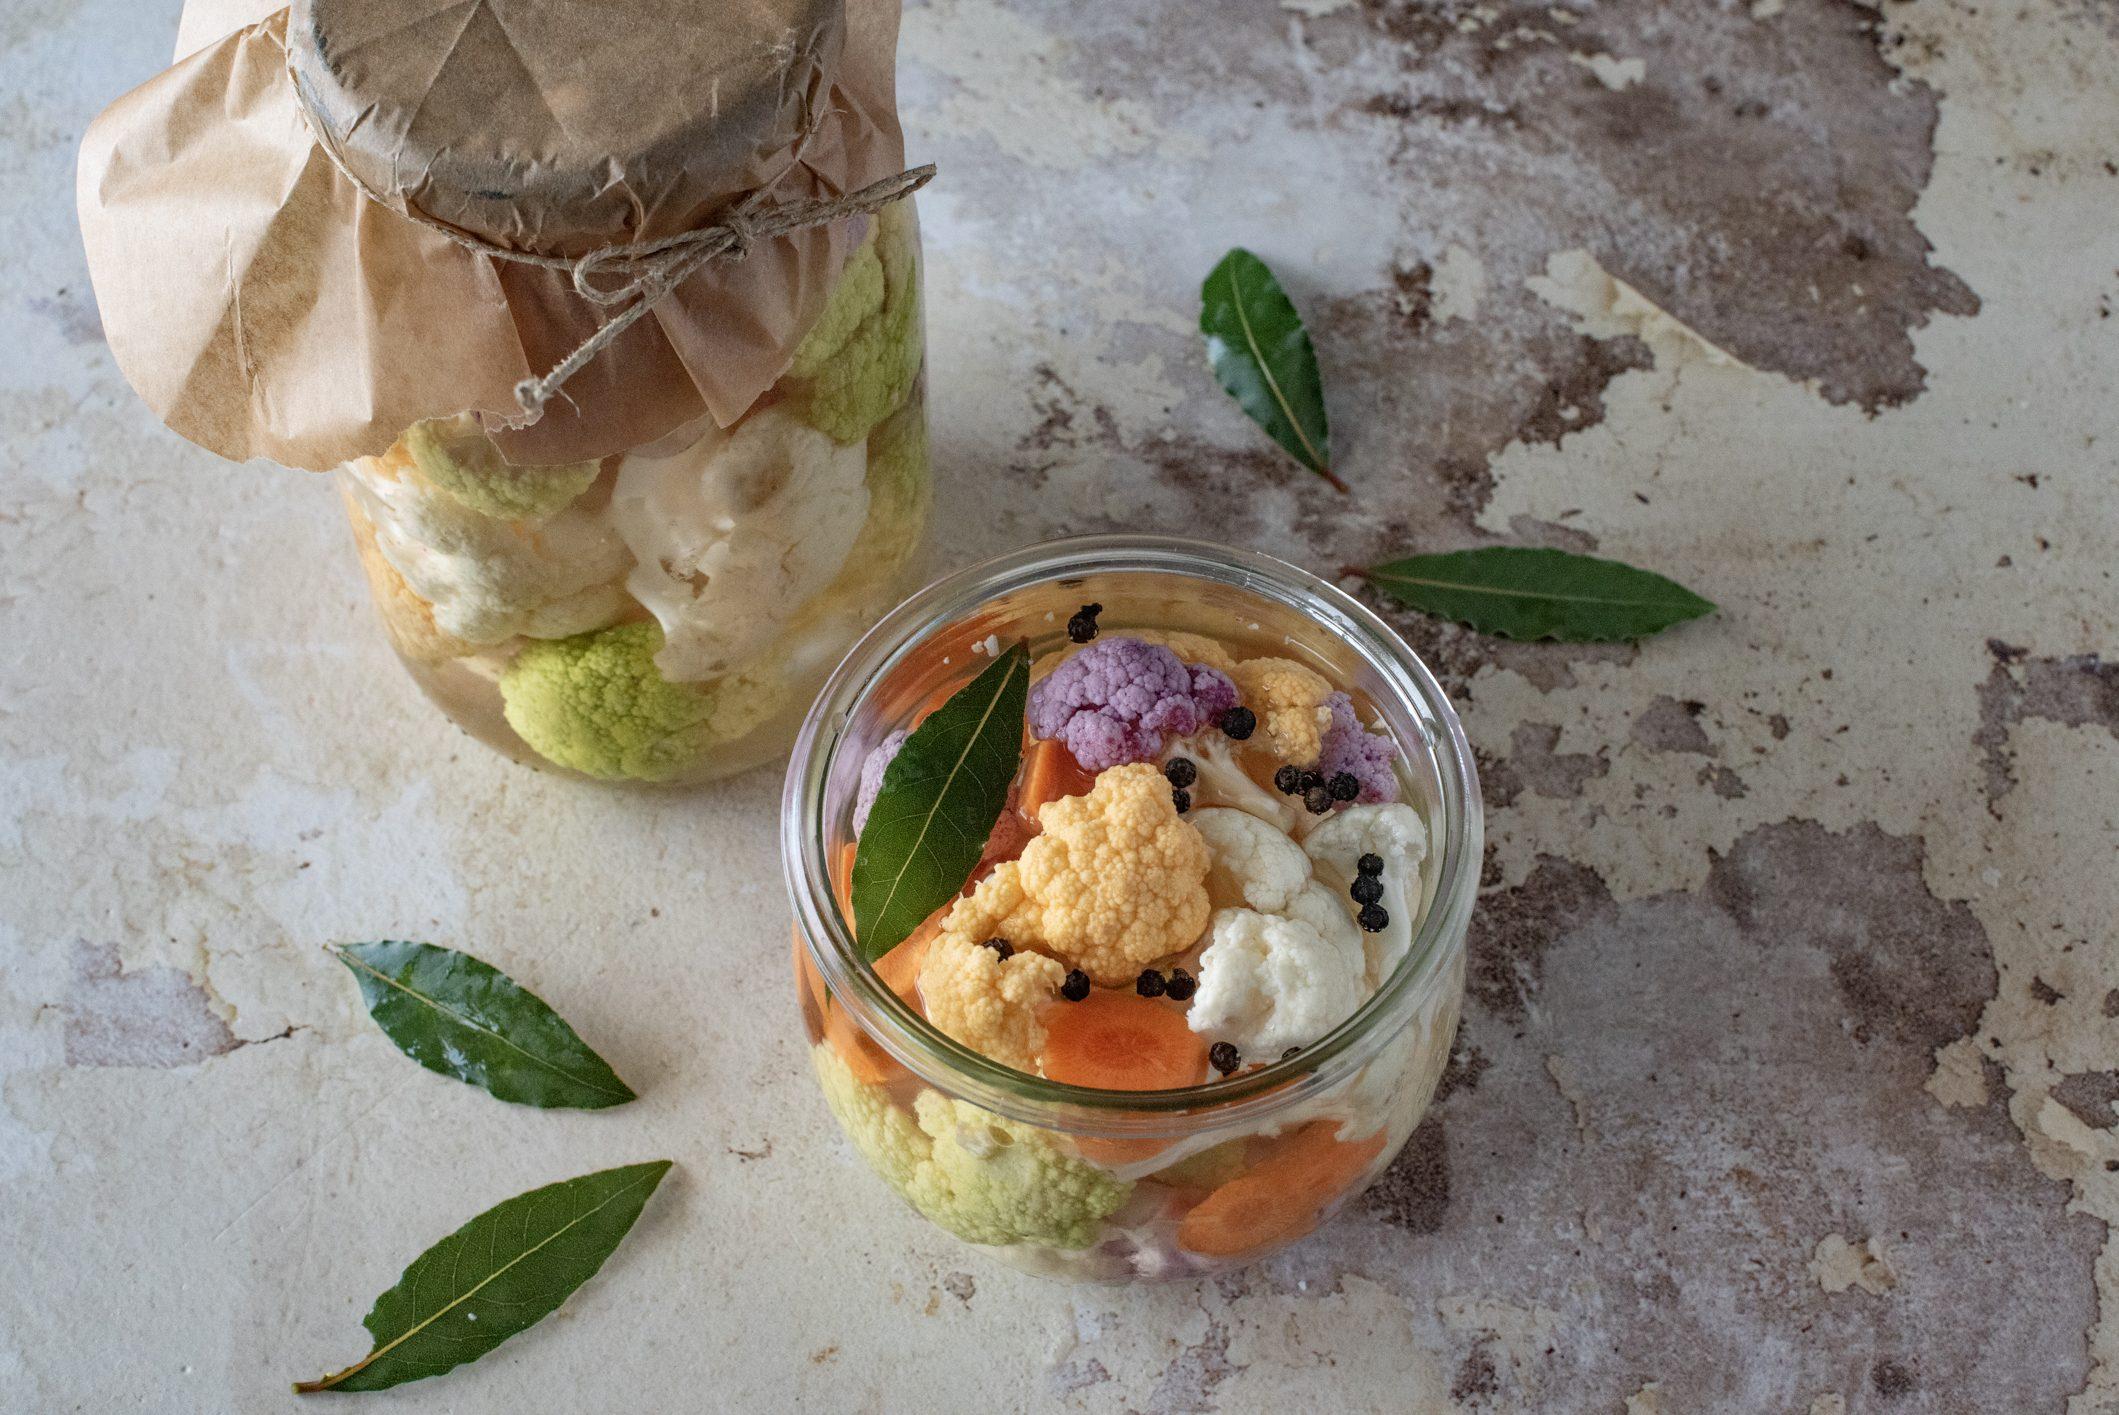 Cavolfiore sott'aceto: la ricetta della conserva semplice e gustosa